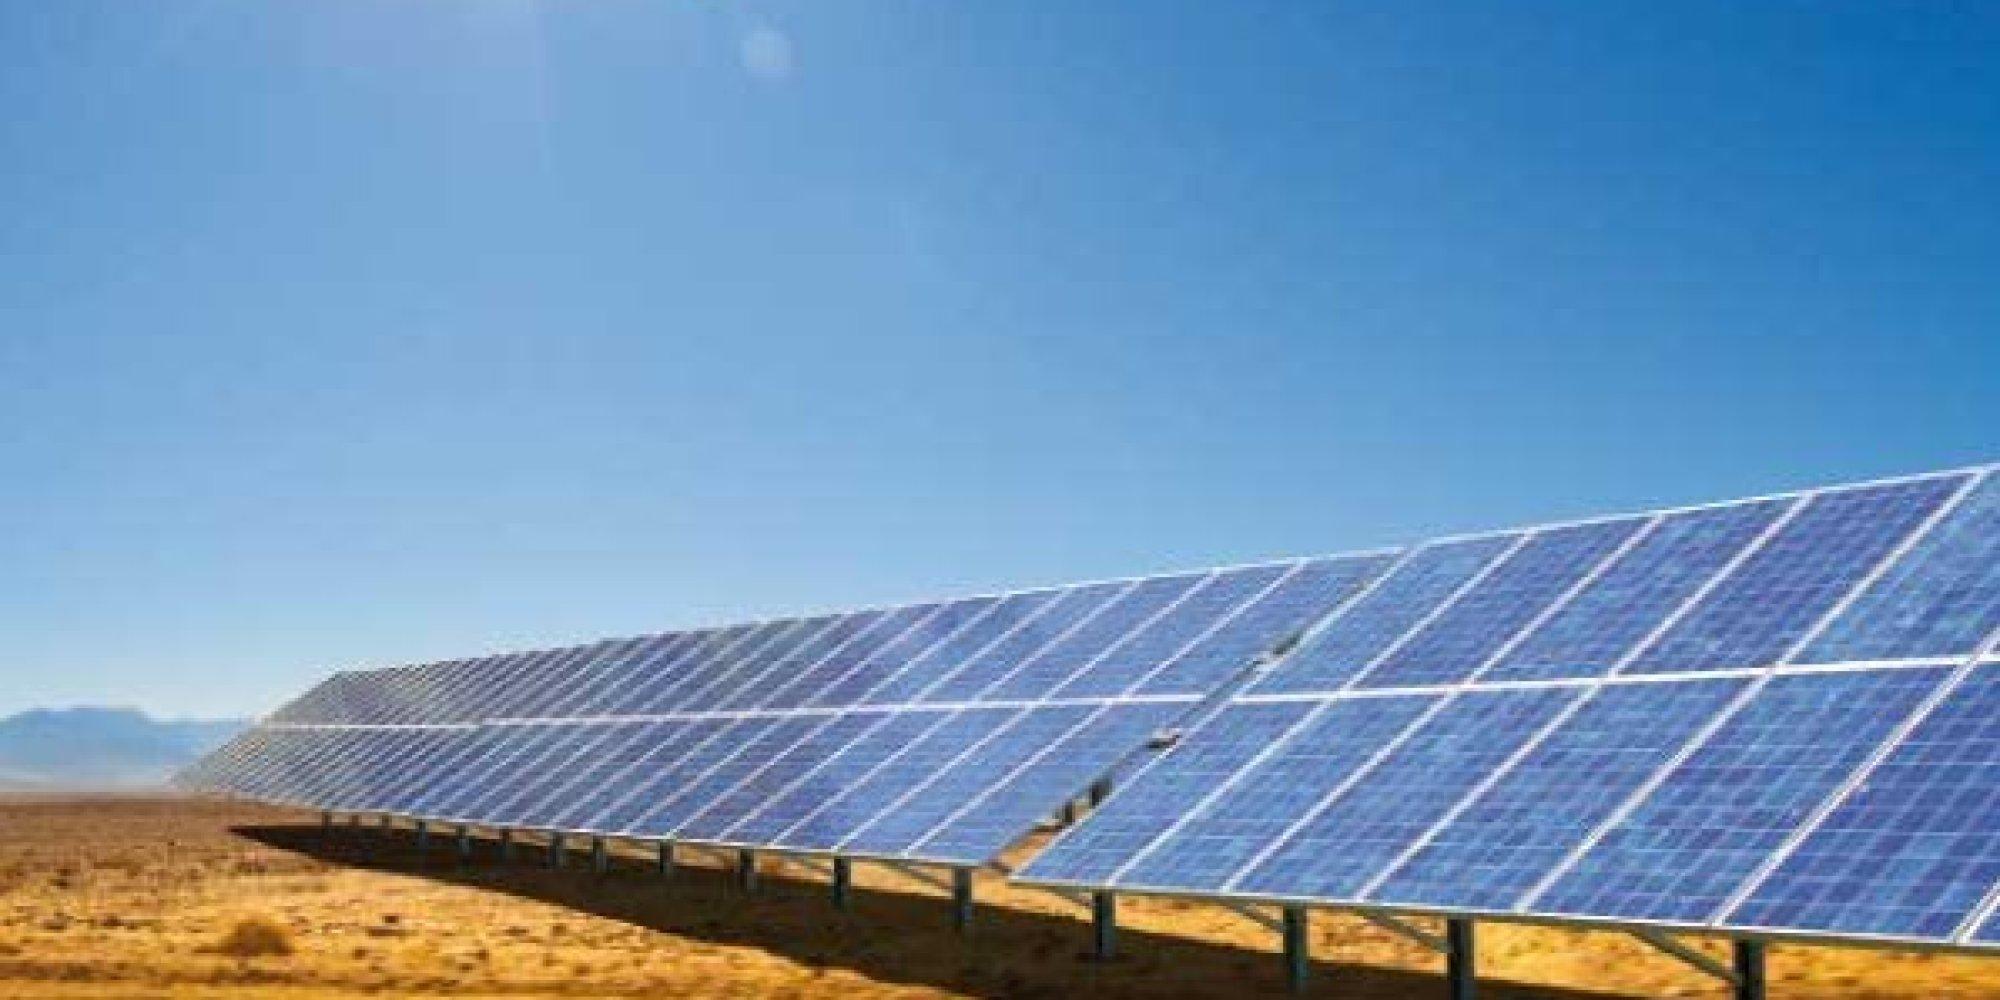 Lutte contre le changement climatique le maroc un mod le pour le continent - Fours solaires en afrique ...